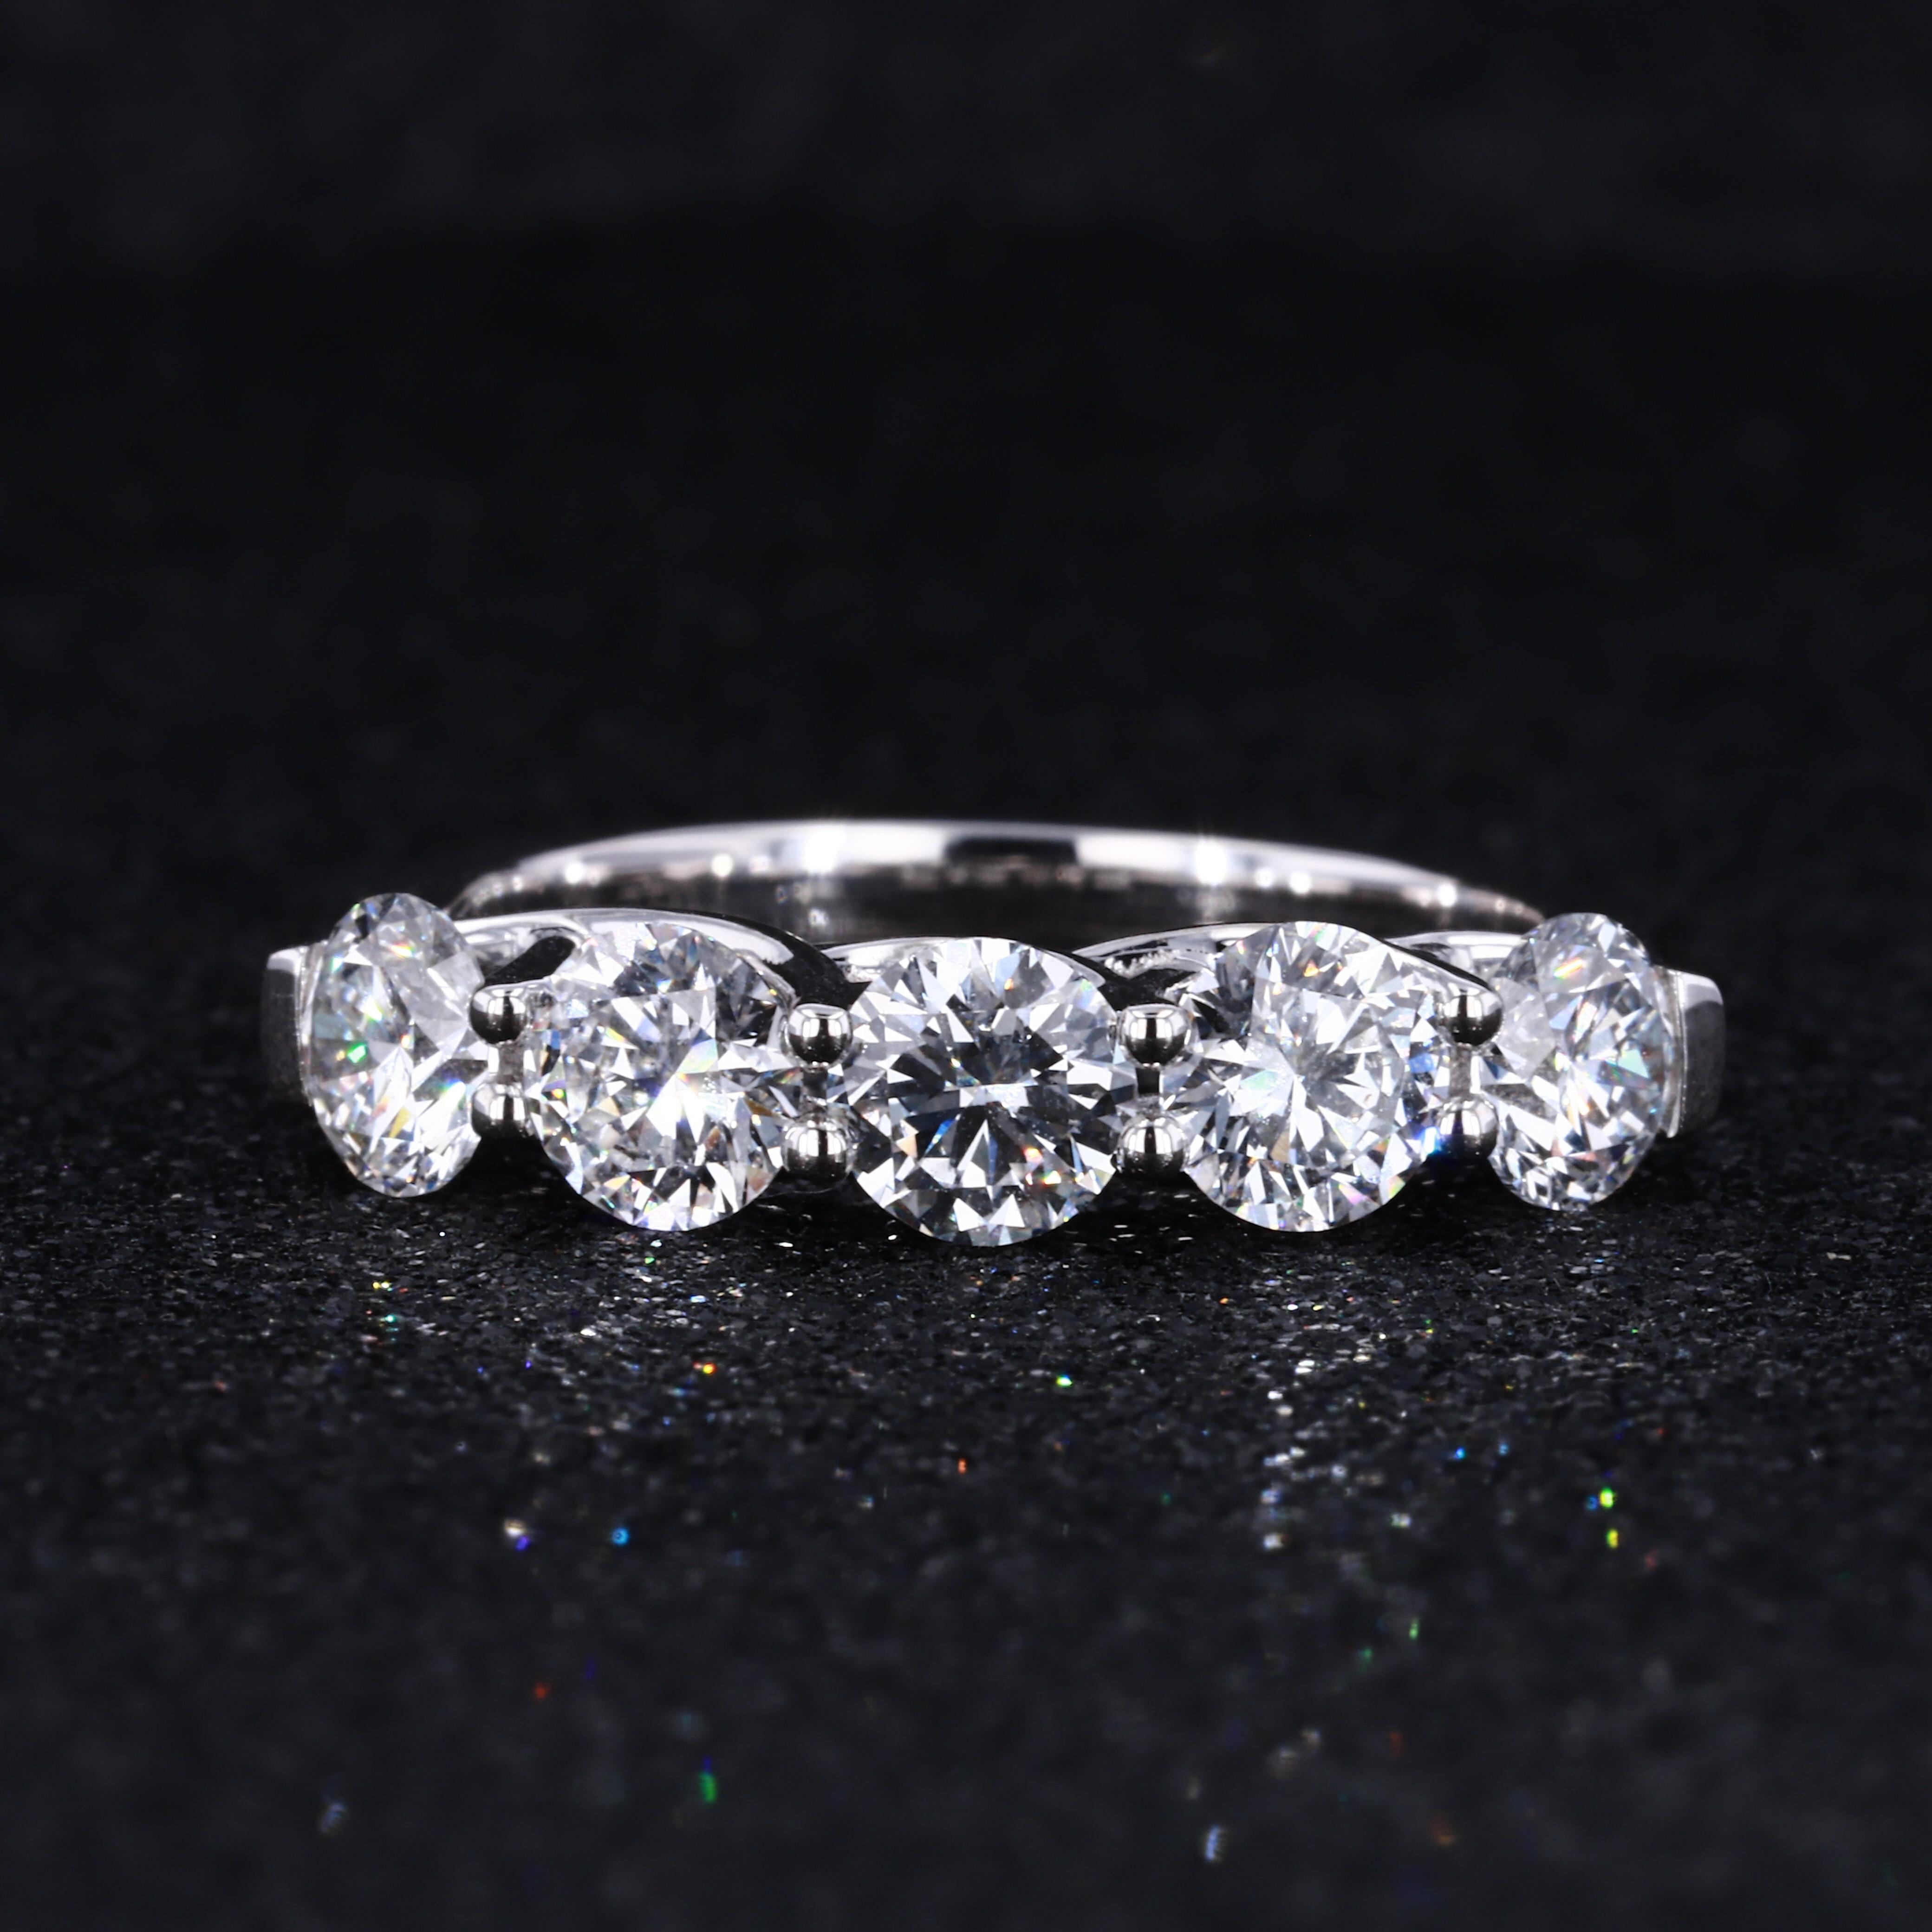 Starszuan-خاتم من الذهب الأبيض عيار 14 قيراطًا مرصع بالألماس المزروع في المختبر ، جودة جيدة ، HPHT ، للبيع